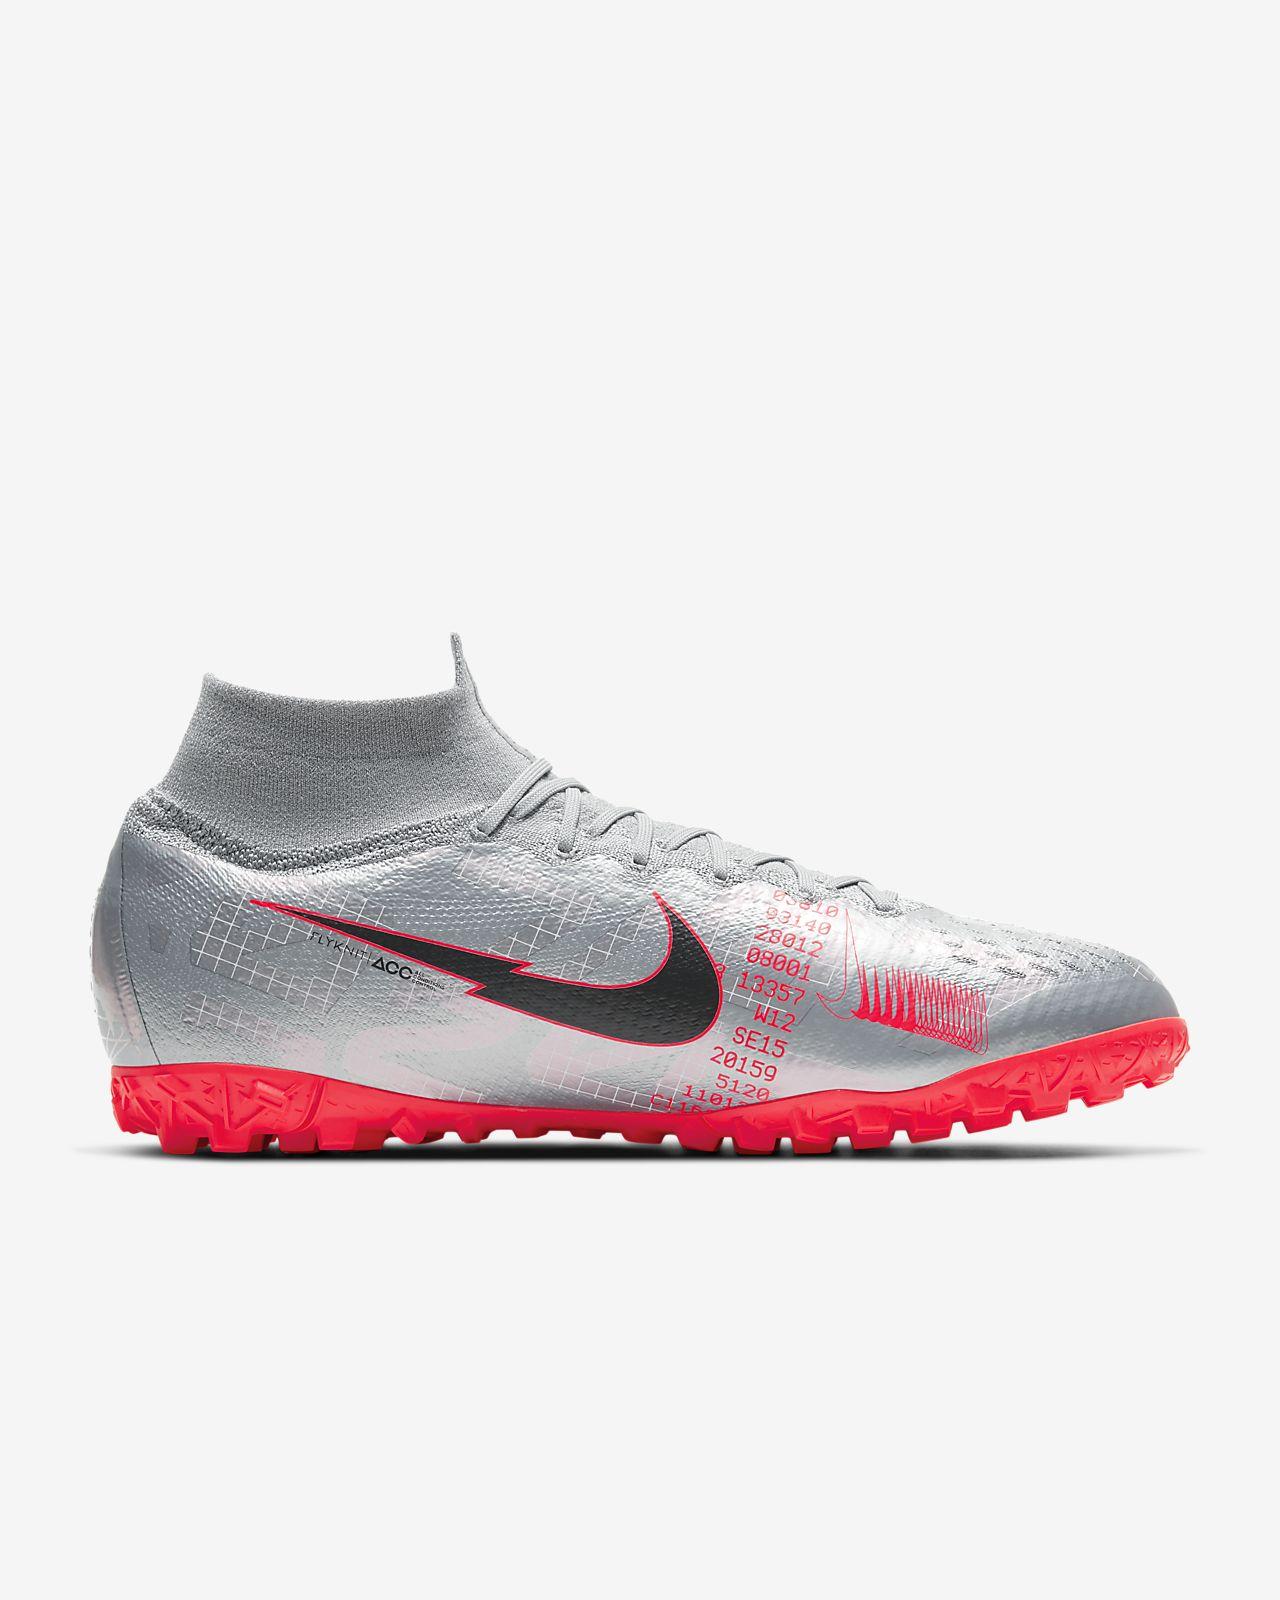 Detalles de Nike Free 5.0 Flyknit Zapatillas Zapatos De Fútbol Mercurial Superfly para hombres Gris 2016 ver título original